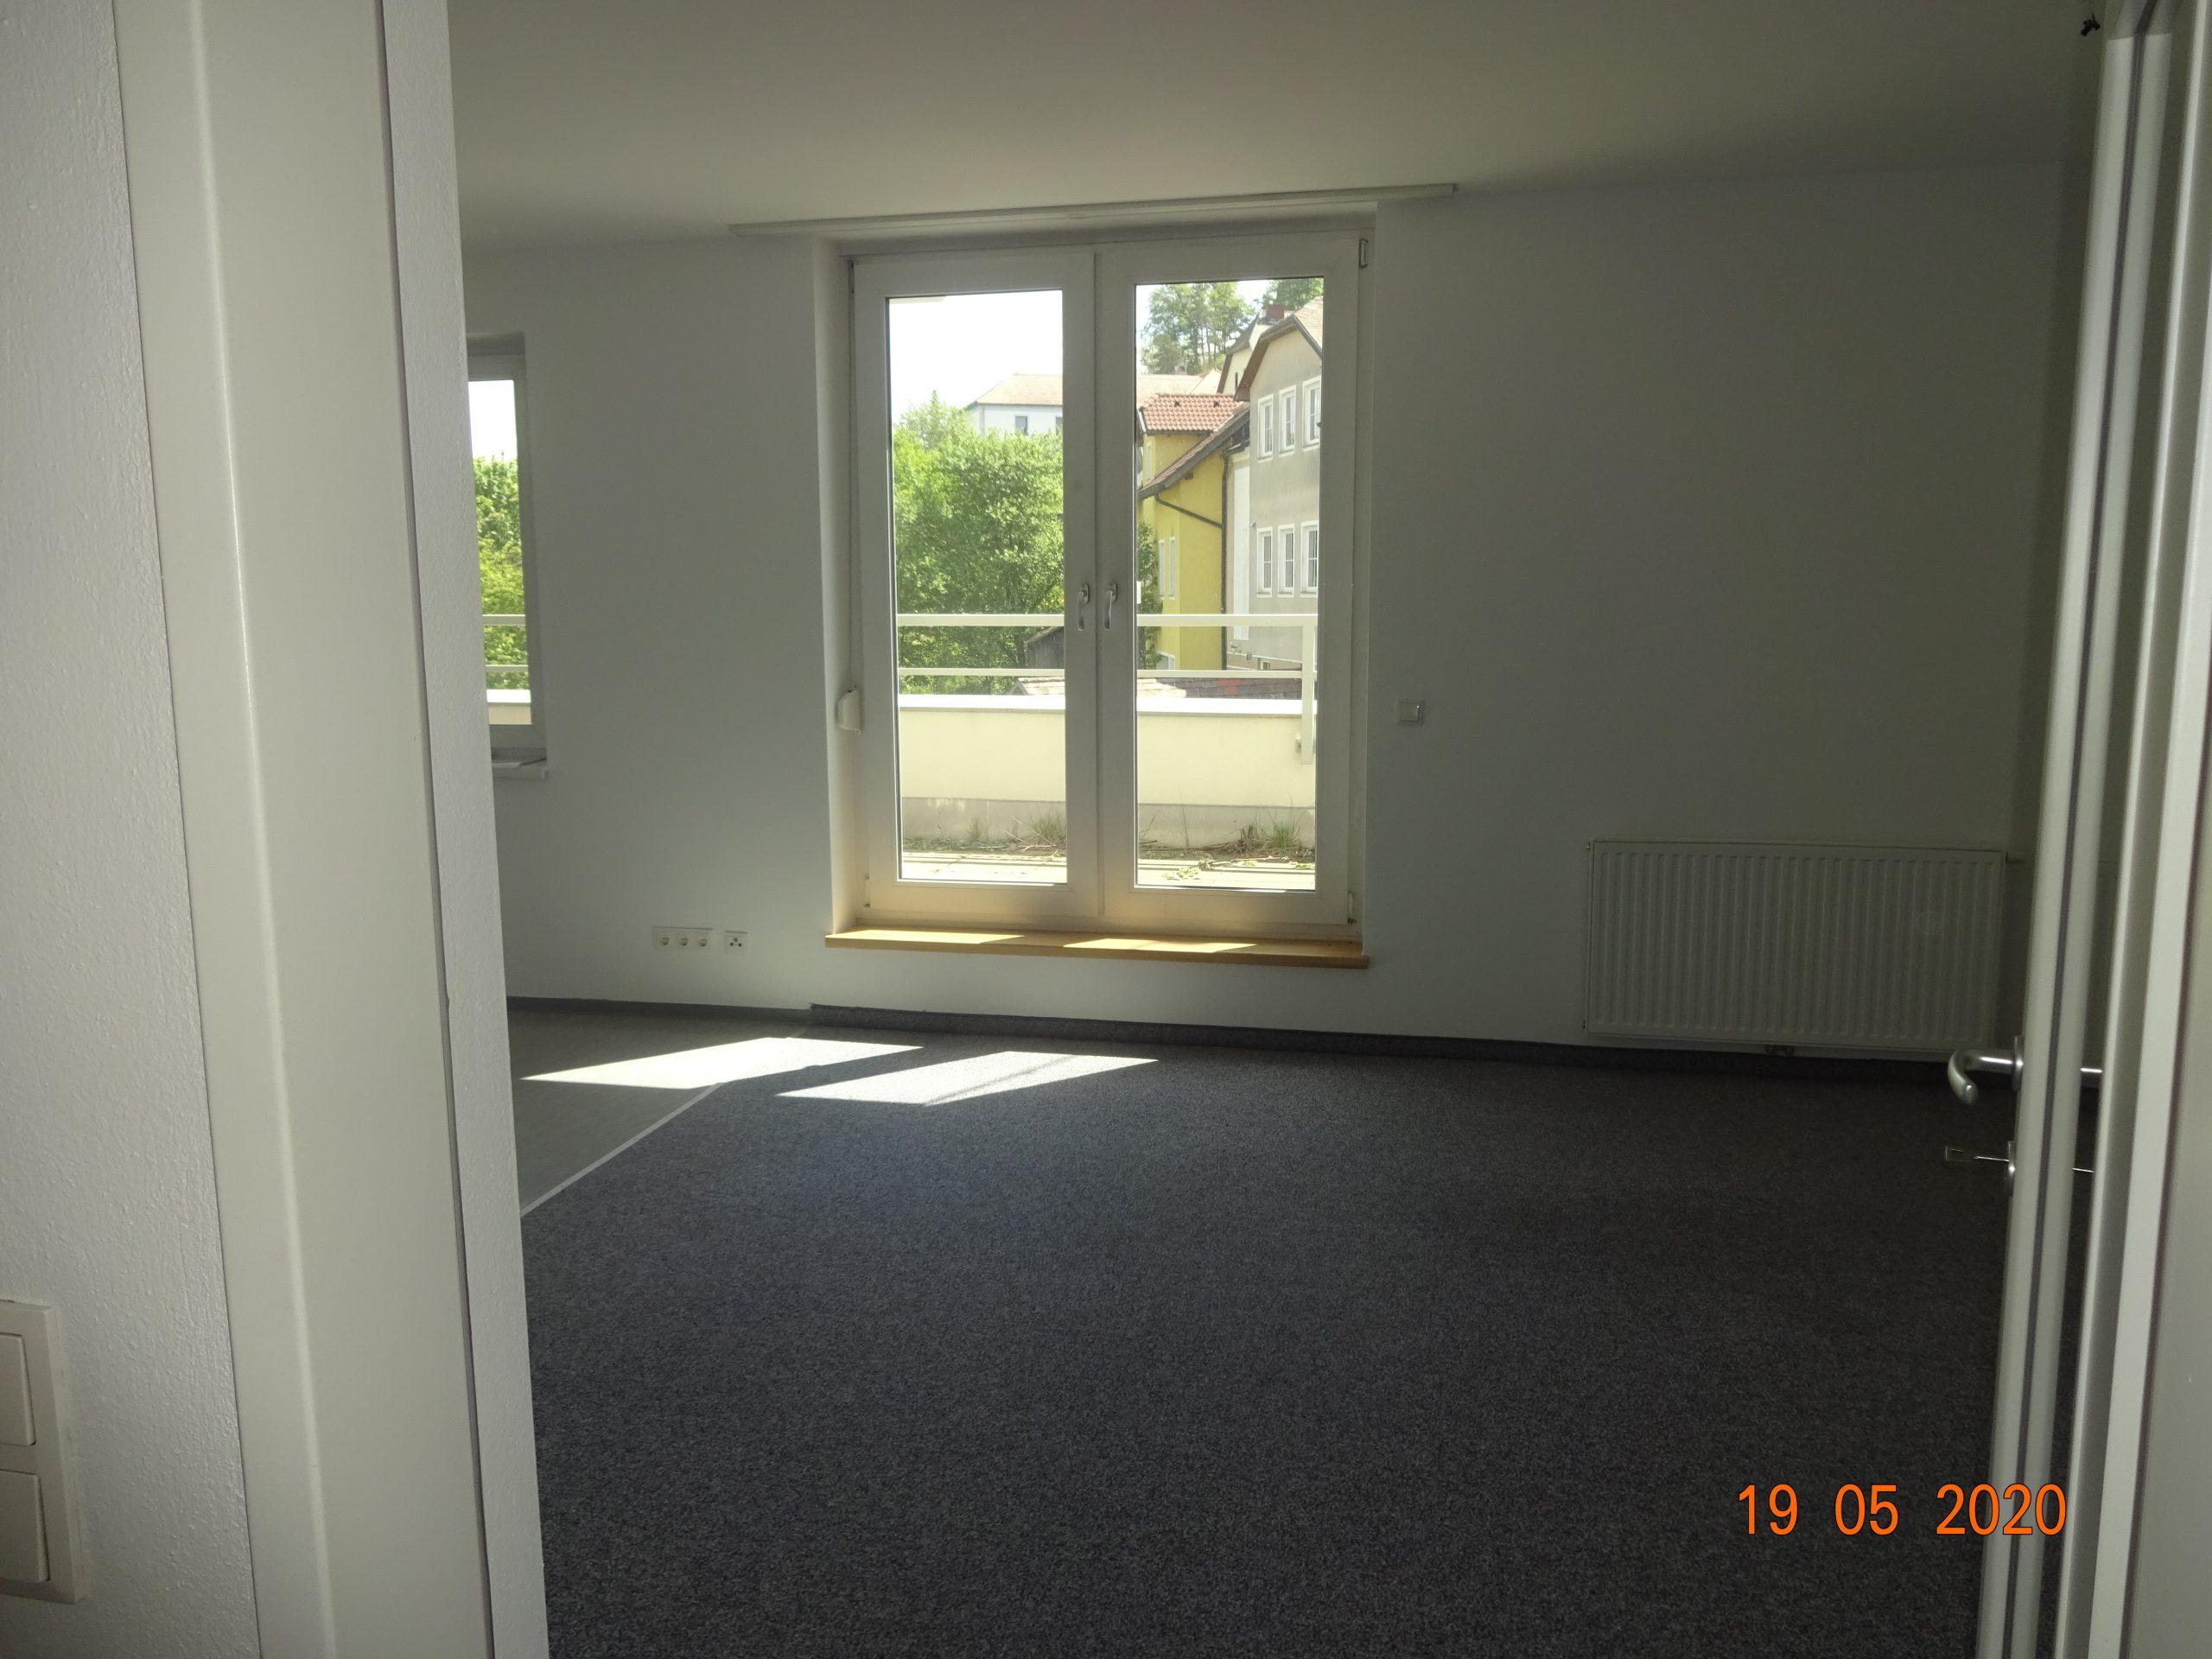 Immobilie von Kamptal in 3925 Arbesbach, Zwettl, Arbesbach II - Top 7 #1